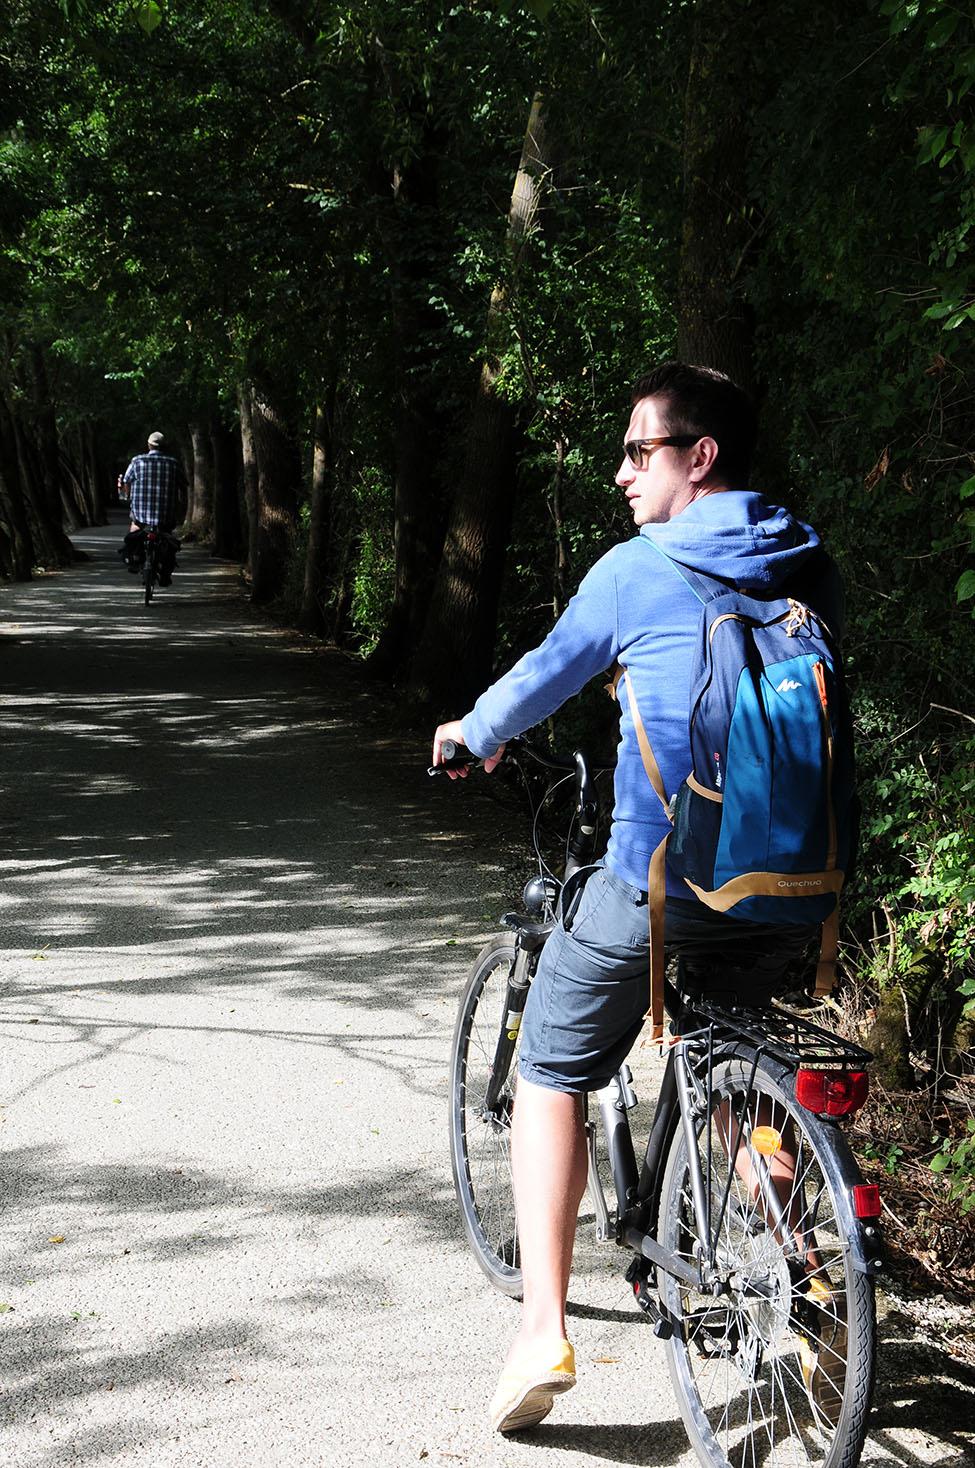 loire à vélo, vers bouchemaine